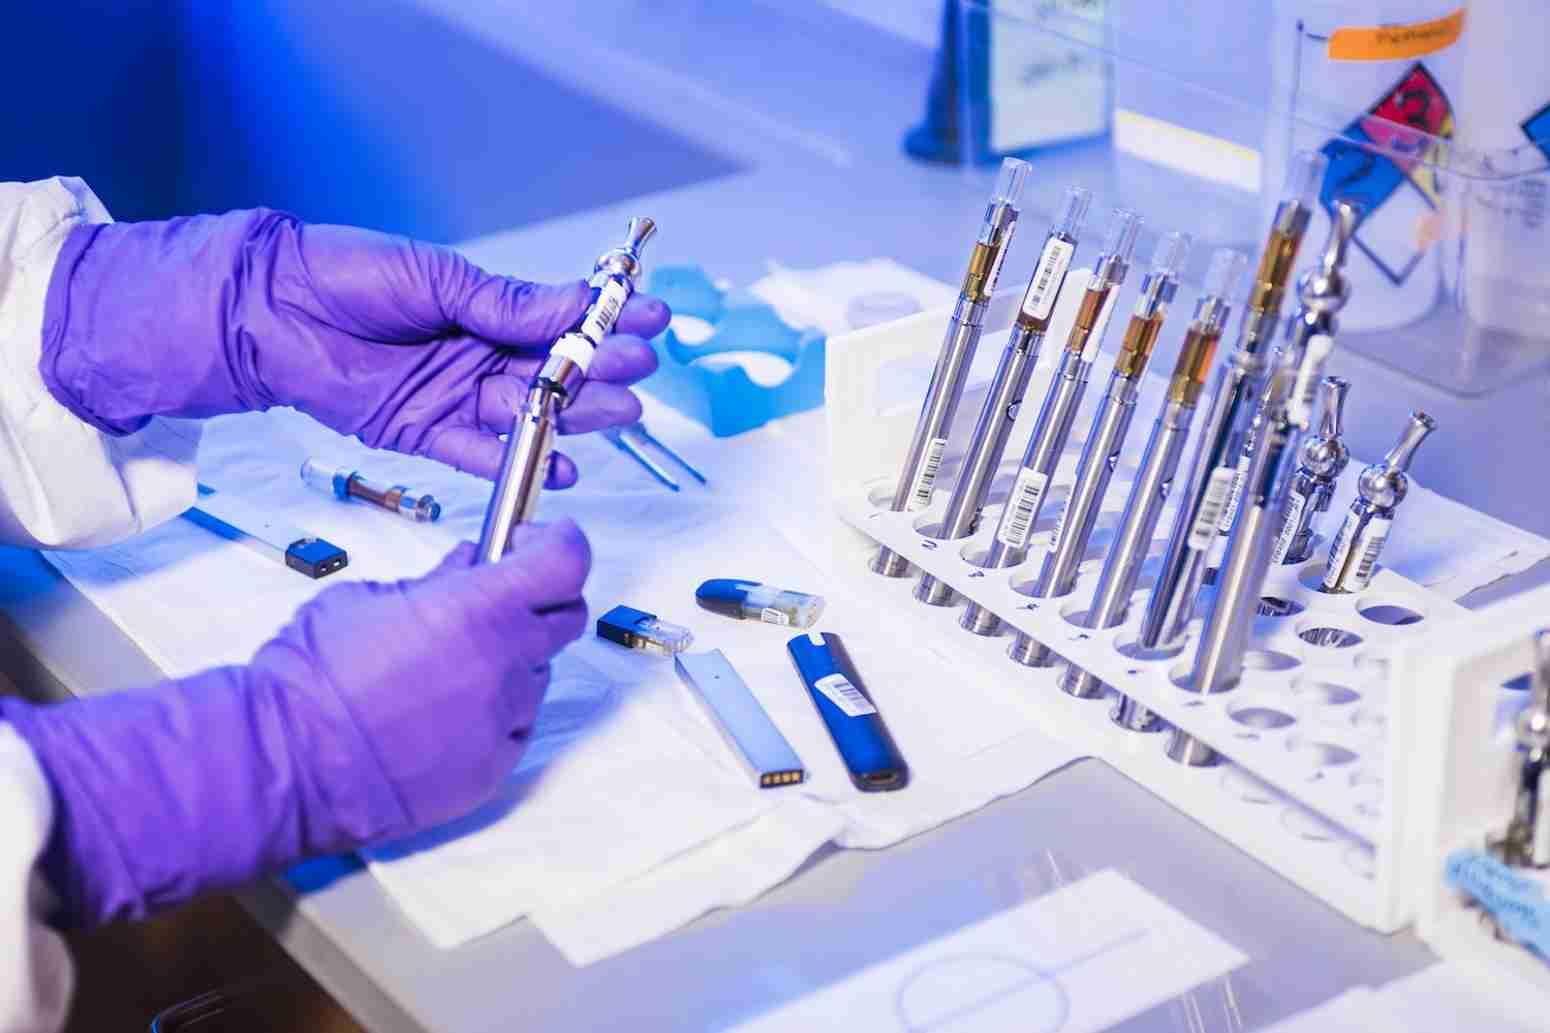 Вакцина от коронавируса в Казахстане: известны результаты первых испытаний